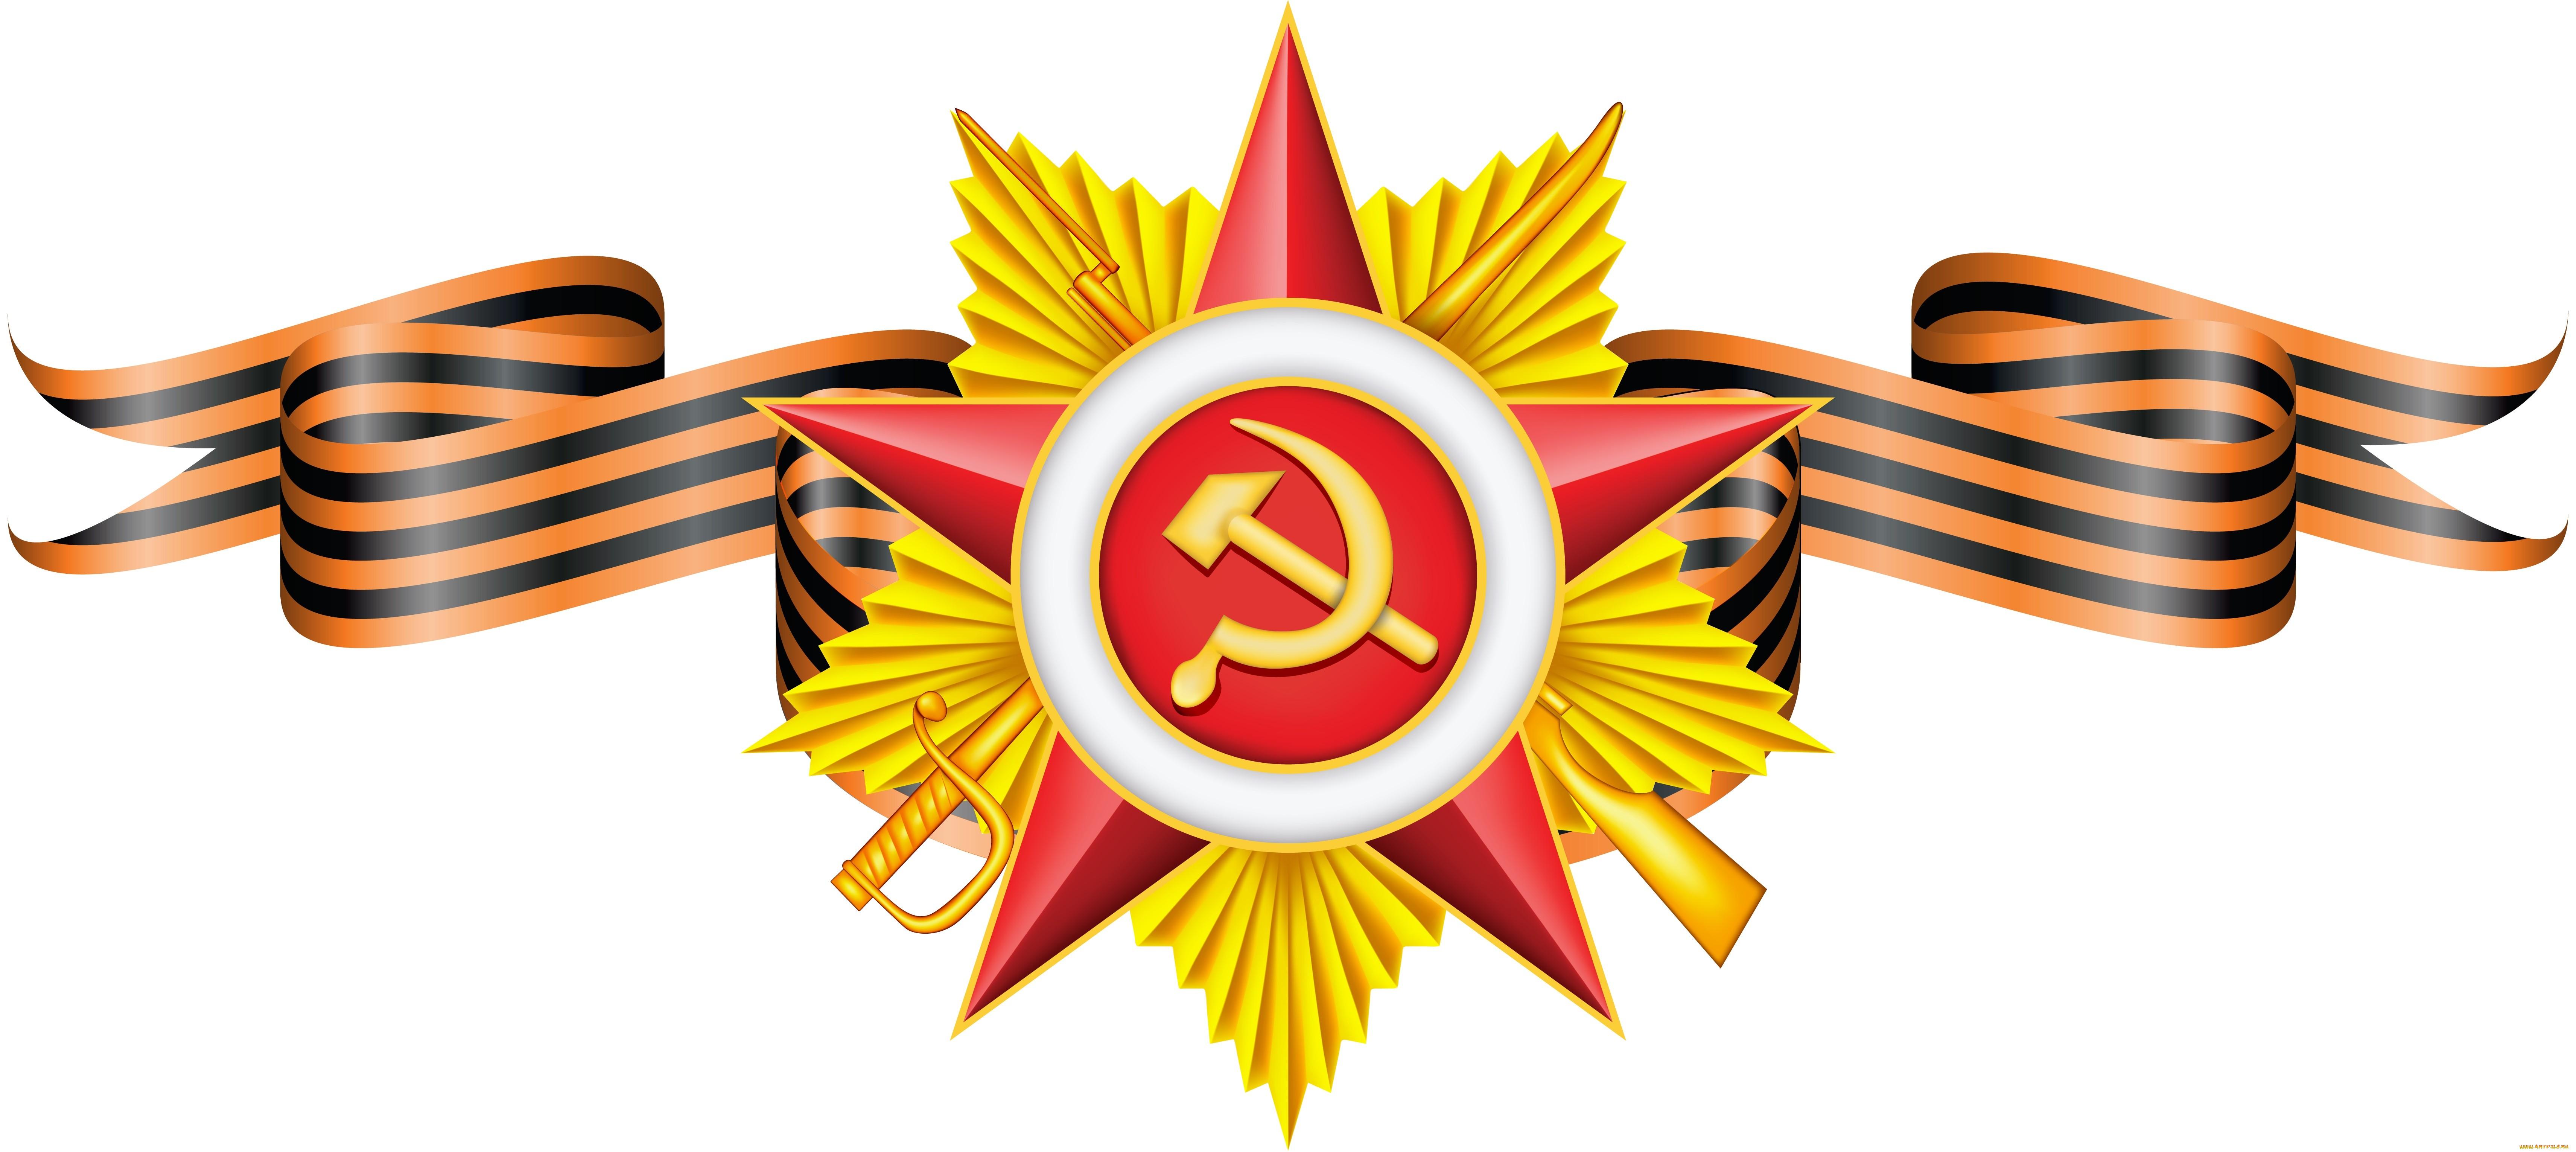 Георгиевская лента картинки без фона 4